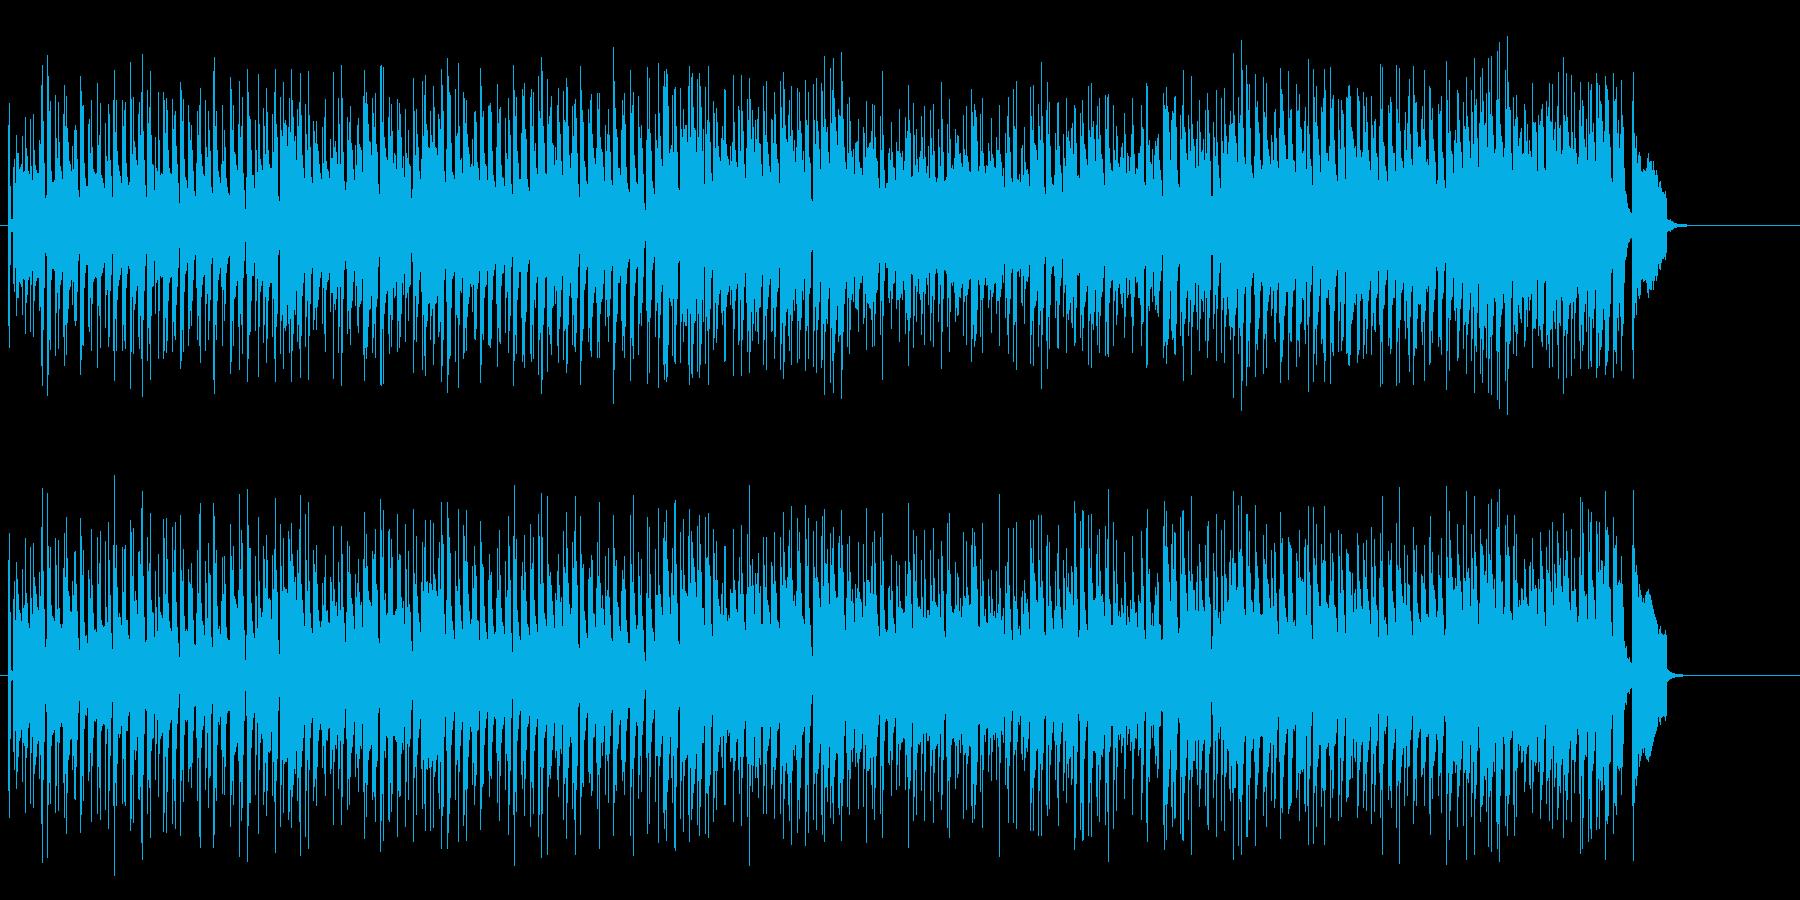 コミカル・アレンジのブルースの再生済みの波形